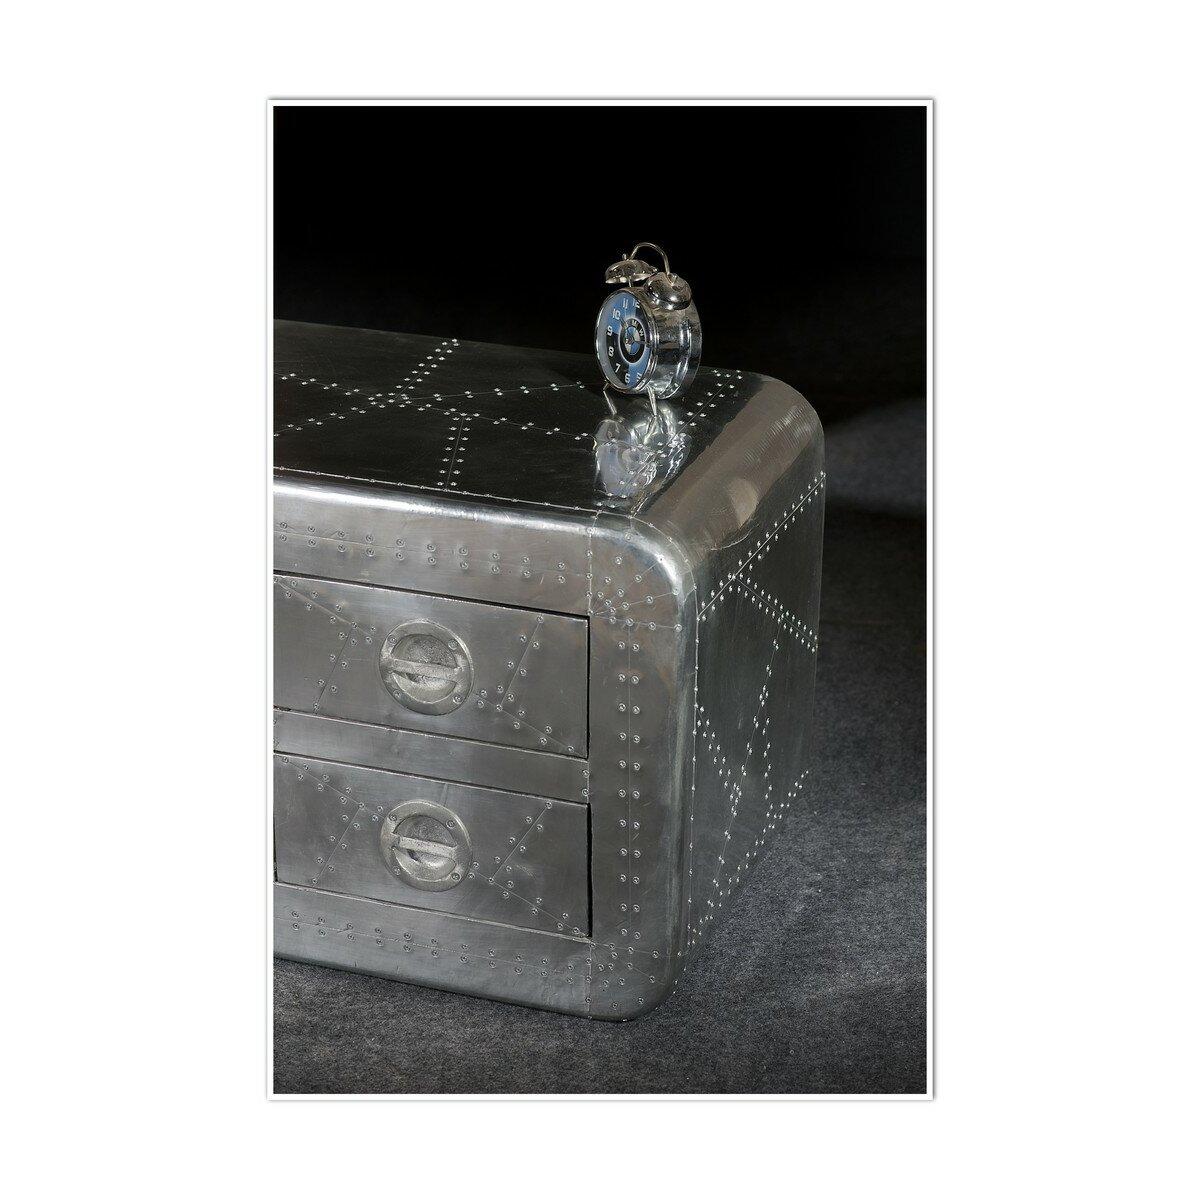 sam stil art m bel gmbh tv lowboard apollo. Black Bedroom Furniture Sets. Home Design Ideas